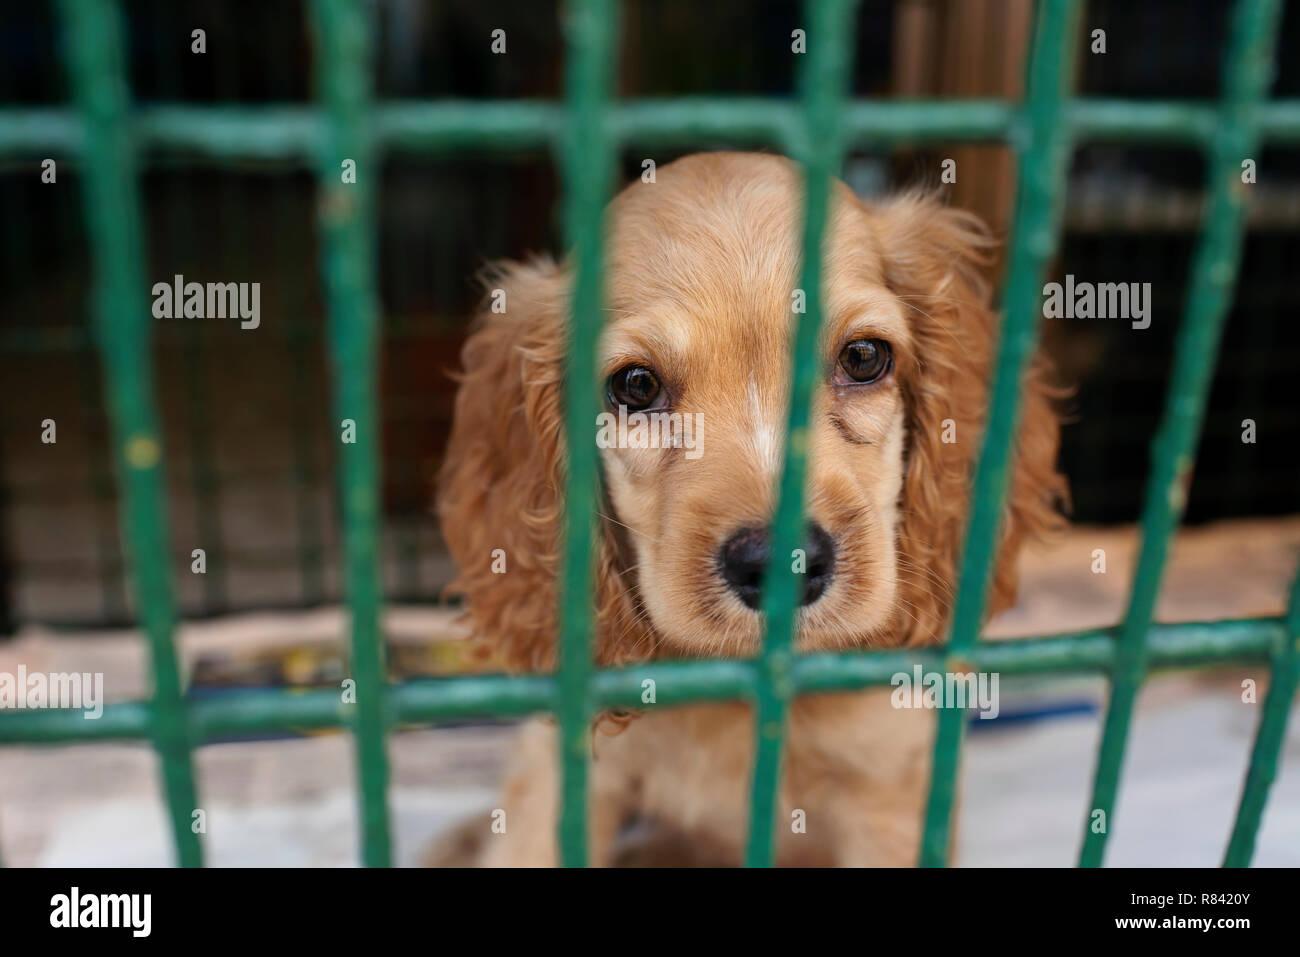 Cocker Spaniel puppy in una gabbia, attesa per il suo prossimo proprietario dietro le sbarre. Cani per la vendita in un negozio di animali di Cartagena de Indias, Colombia, Sud America Immagini Stock